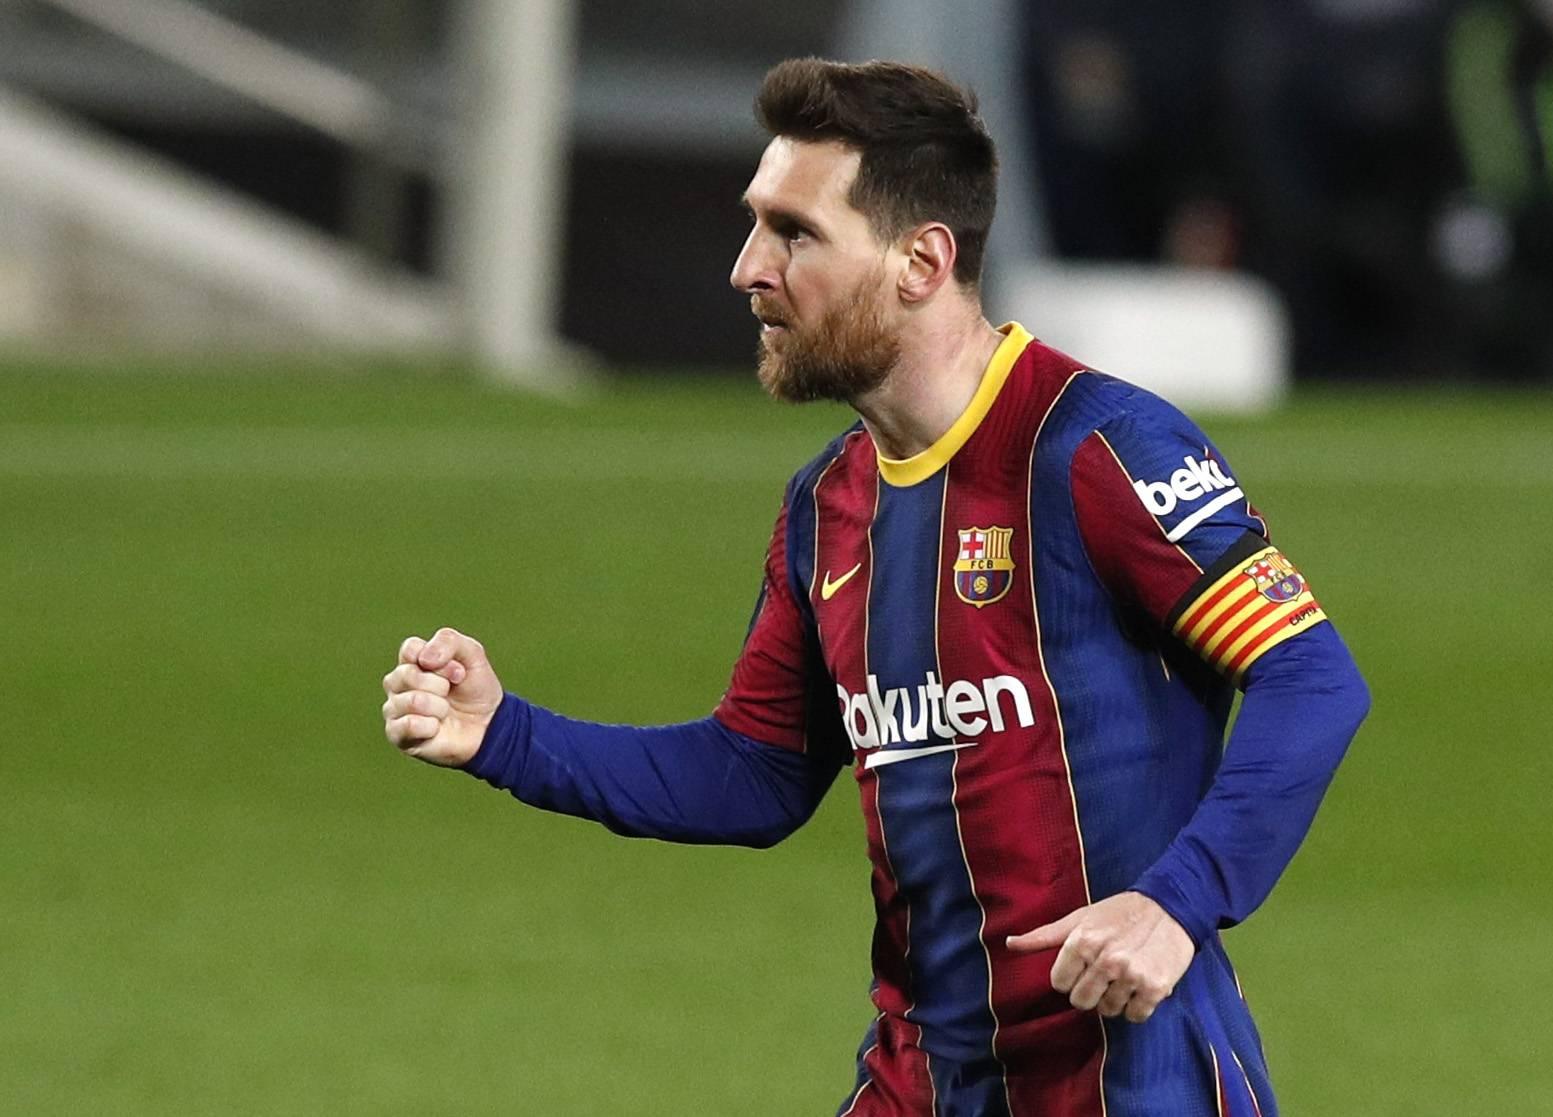 بارسلونا / لالیگا / Barcelona / Laliga